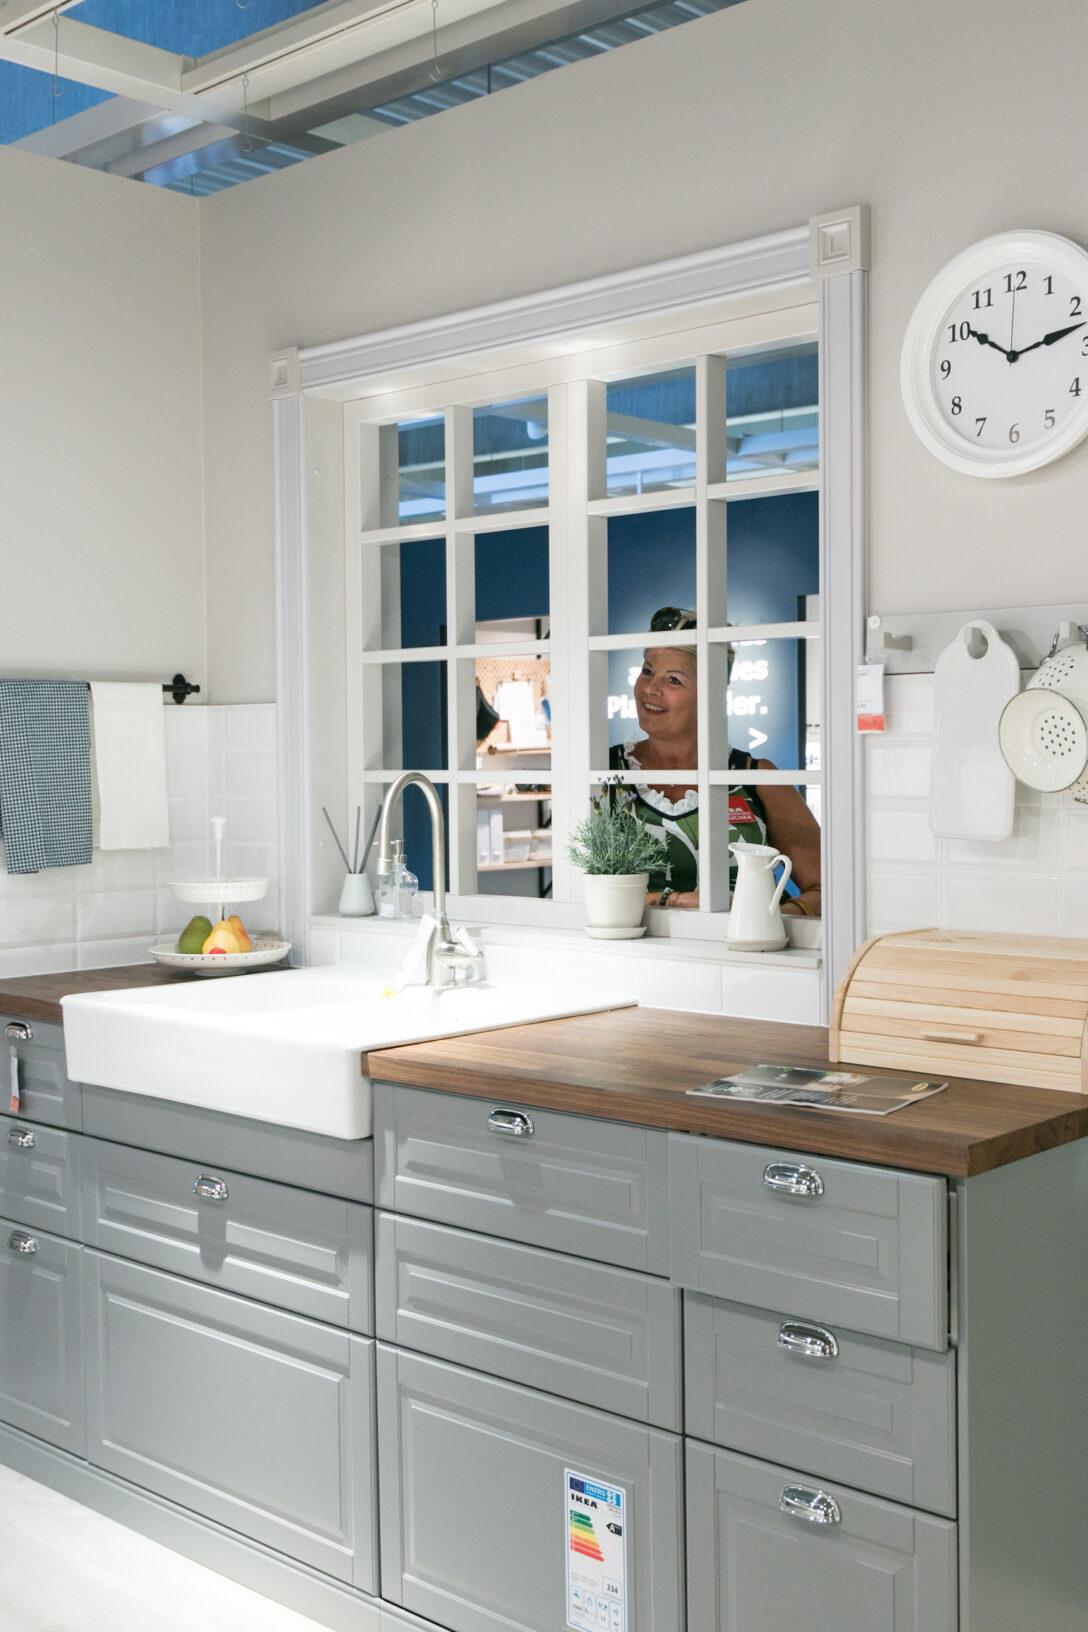 Large Size of Ikea Küche Faktum Landhaus Kuche Landhausstil Gebraucht Caseconradcom Weiße Aufbewahrungssystem Gardine Sideboard Mit Arbeitsplatte Schlafzimmer Bett Wohnzimmer Ikea Küche Faktum Landhaus